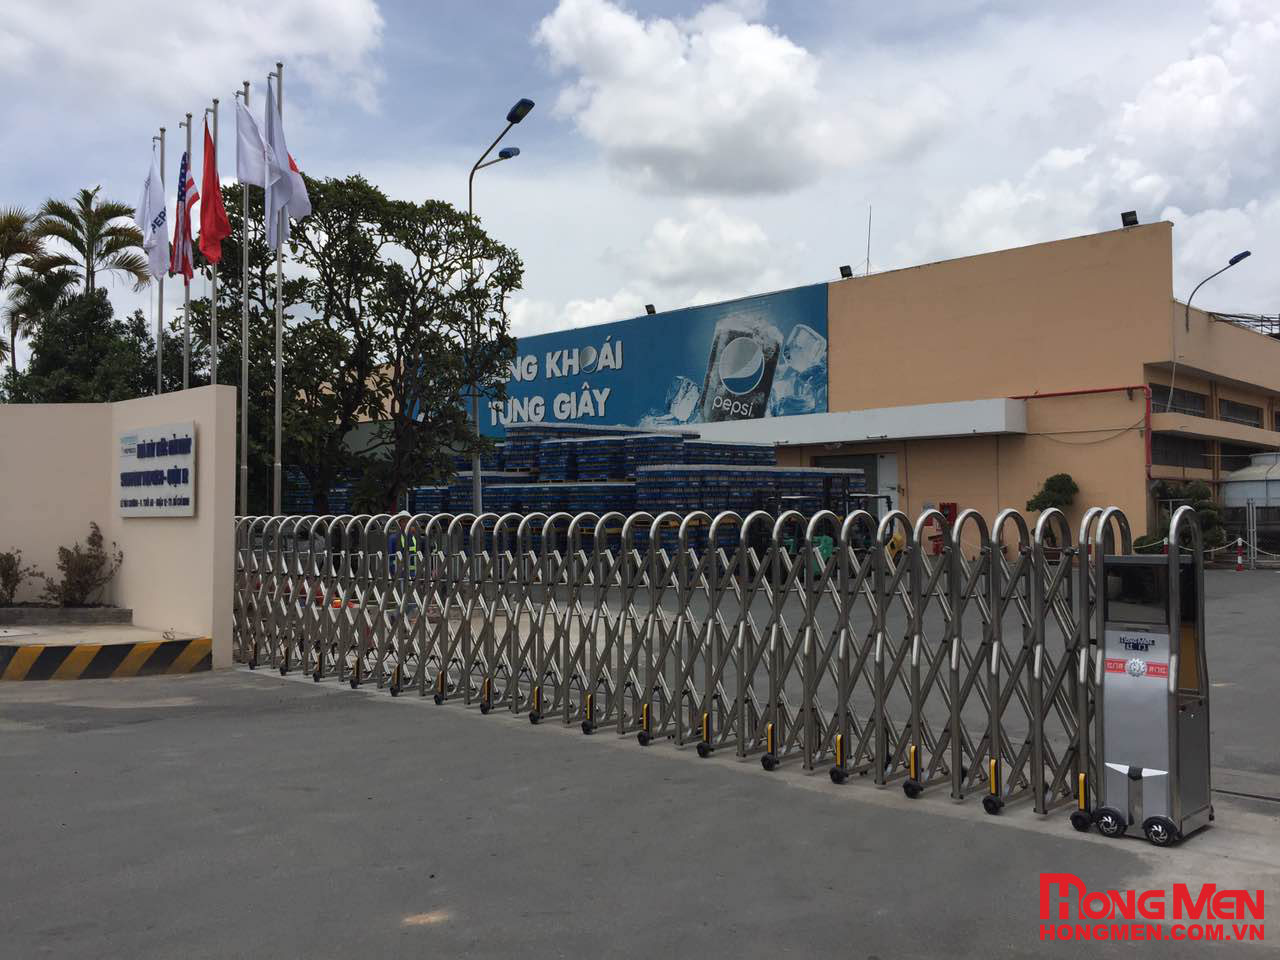 Lắp đặt cổng xếp inox Hồng Môn tại Pepsico Việt Nam